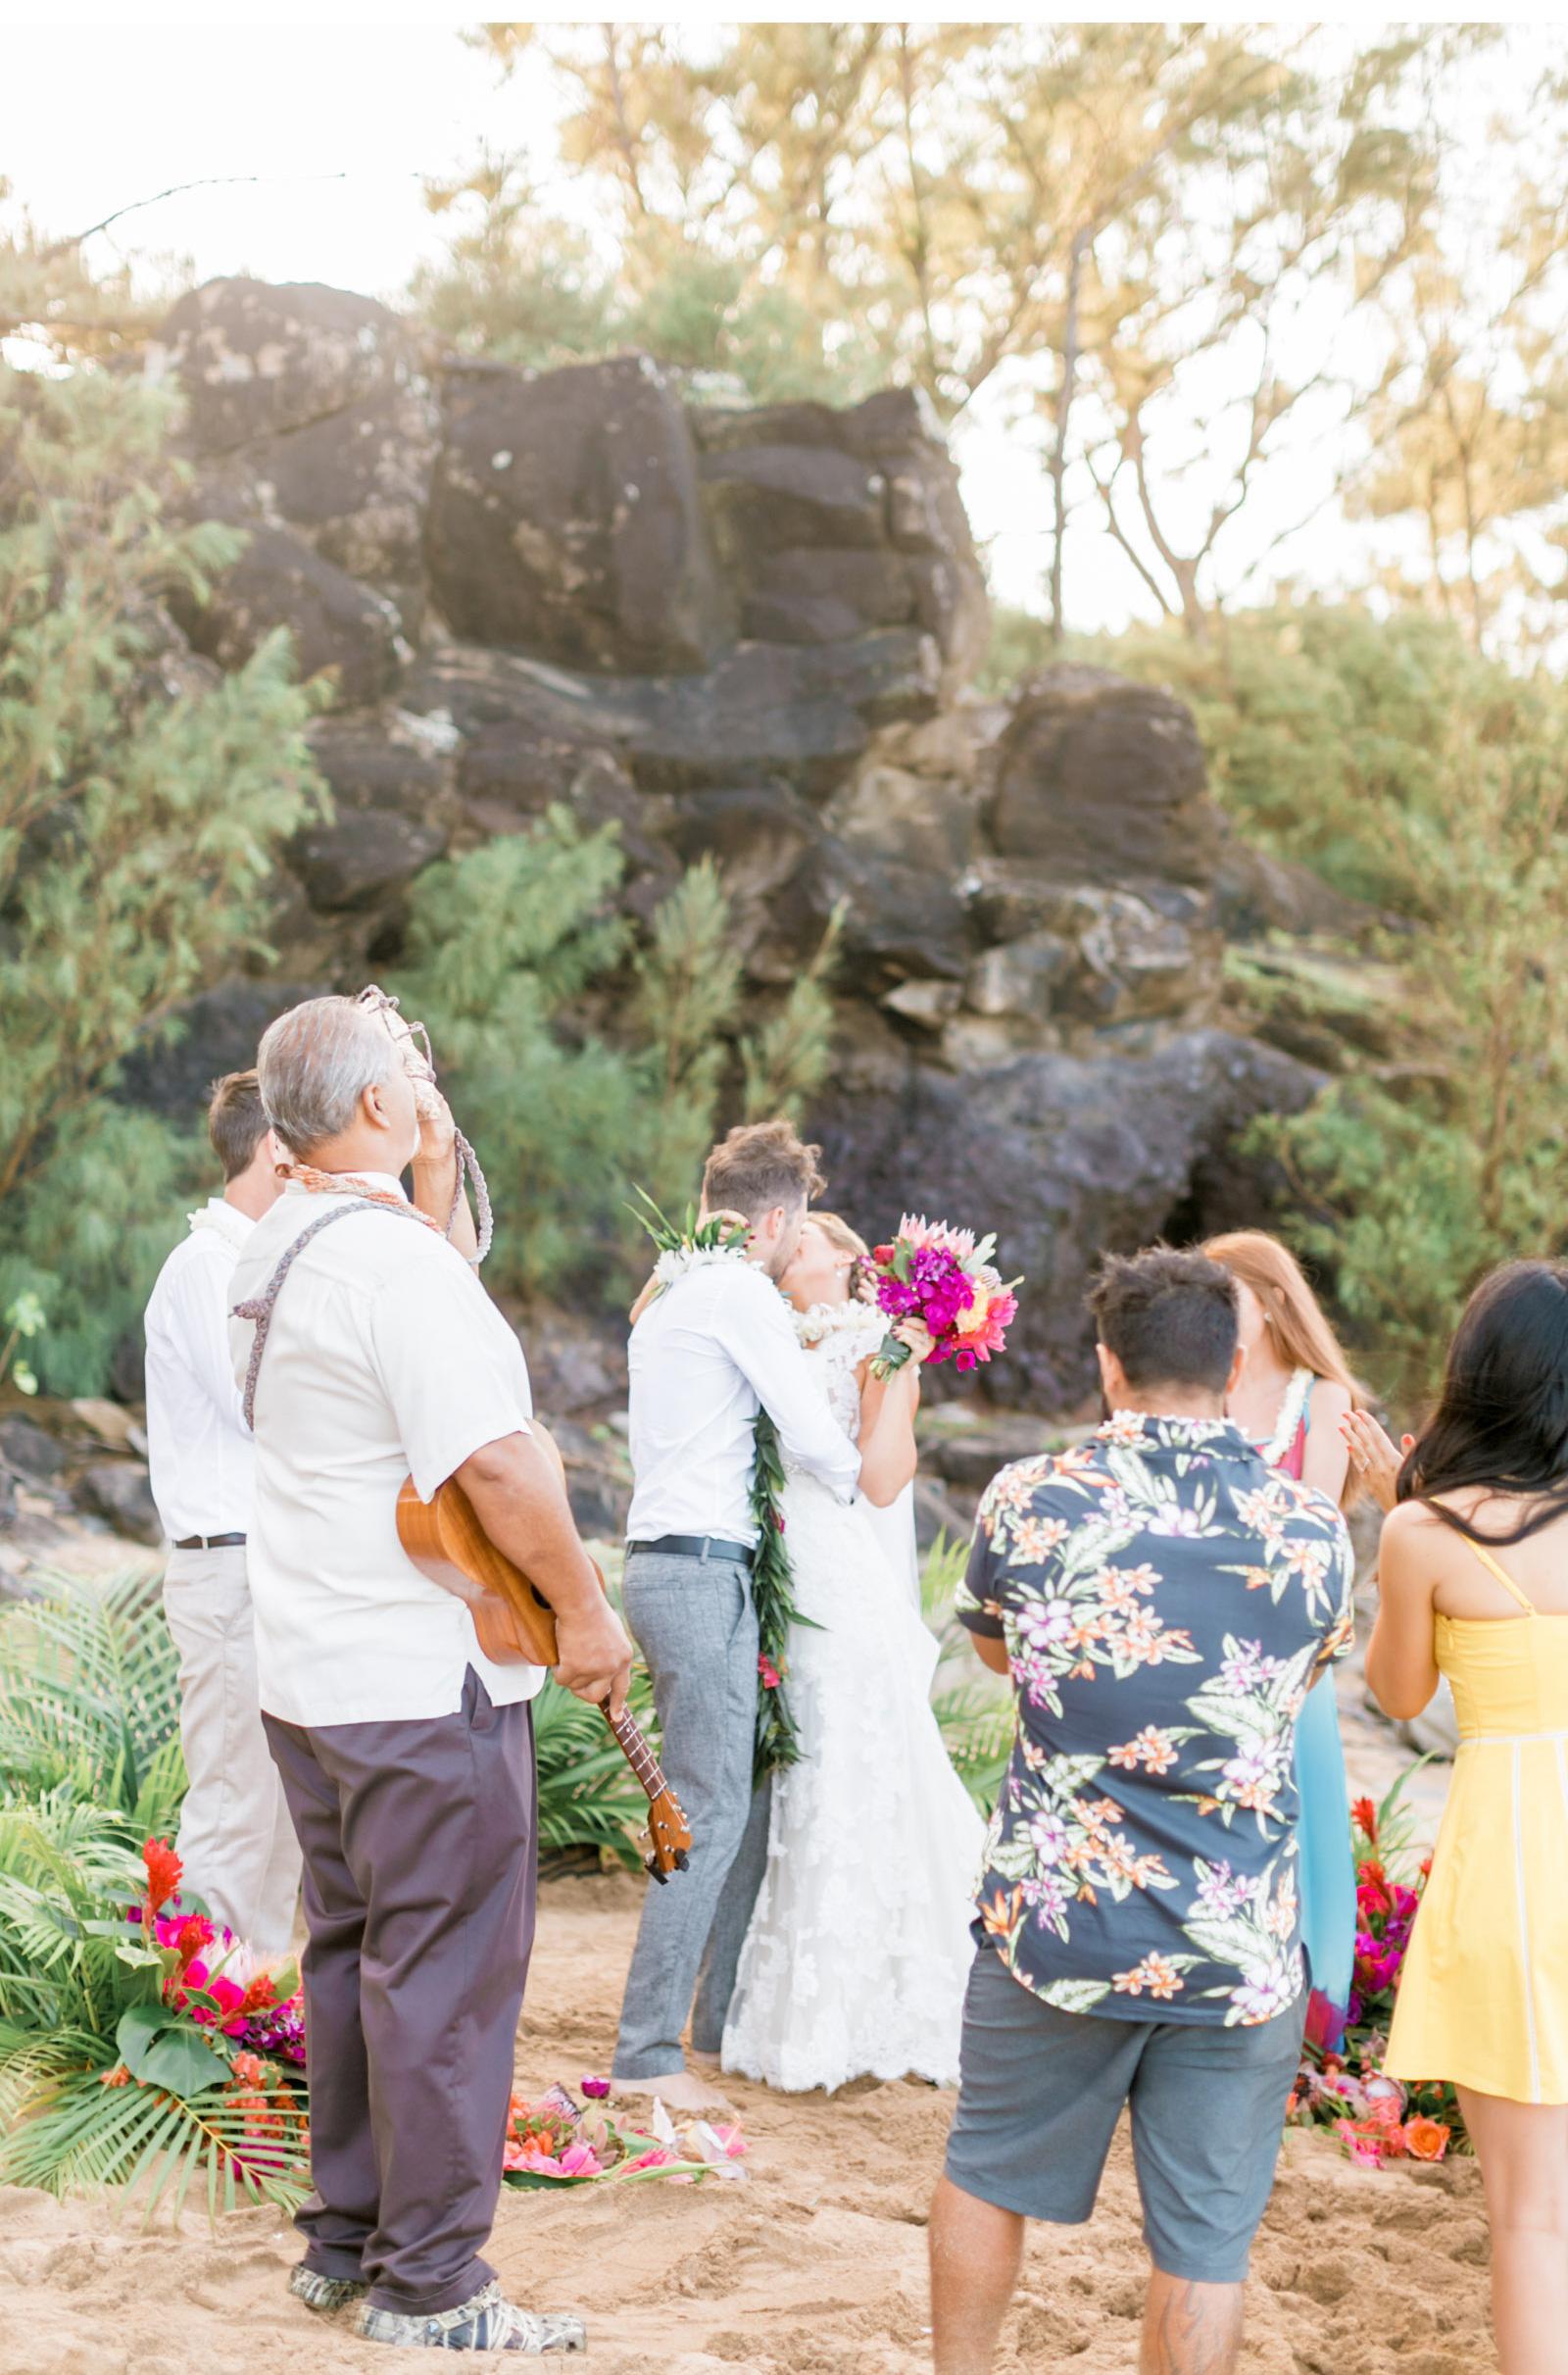 Natalie-Schutt-Photography-Maui-Wedding_02.jpg